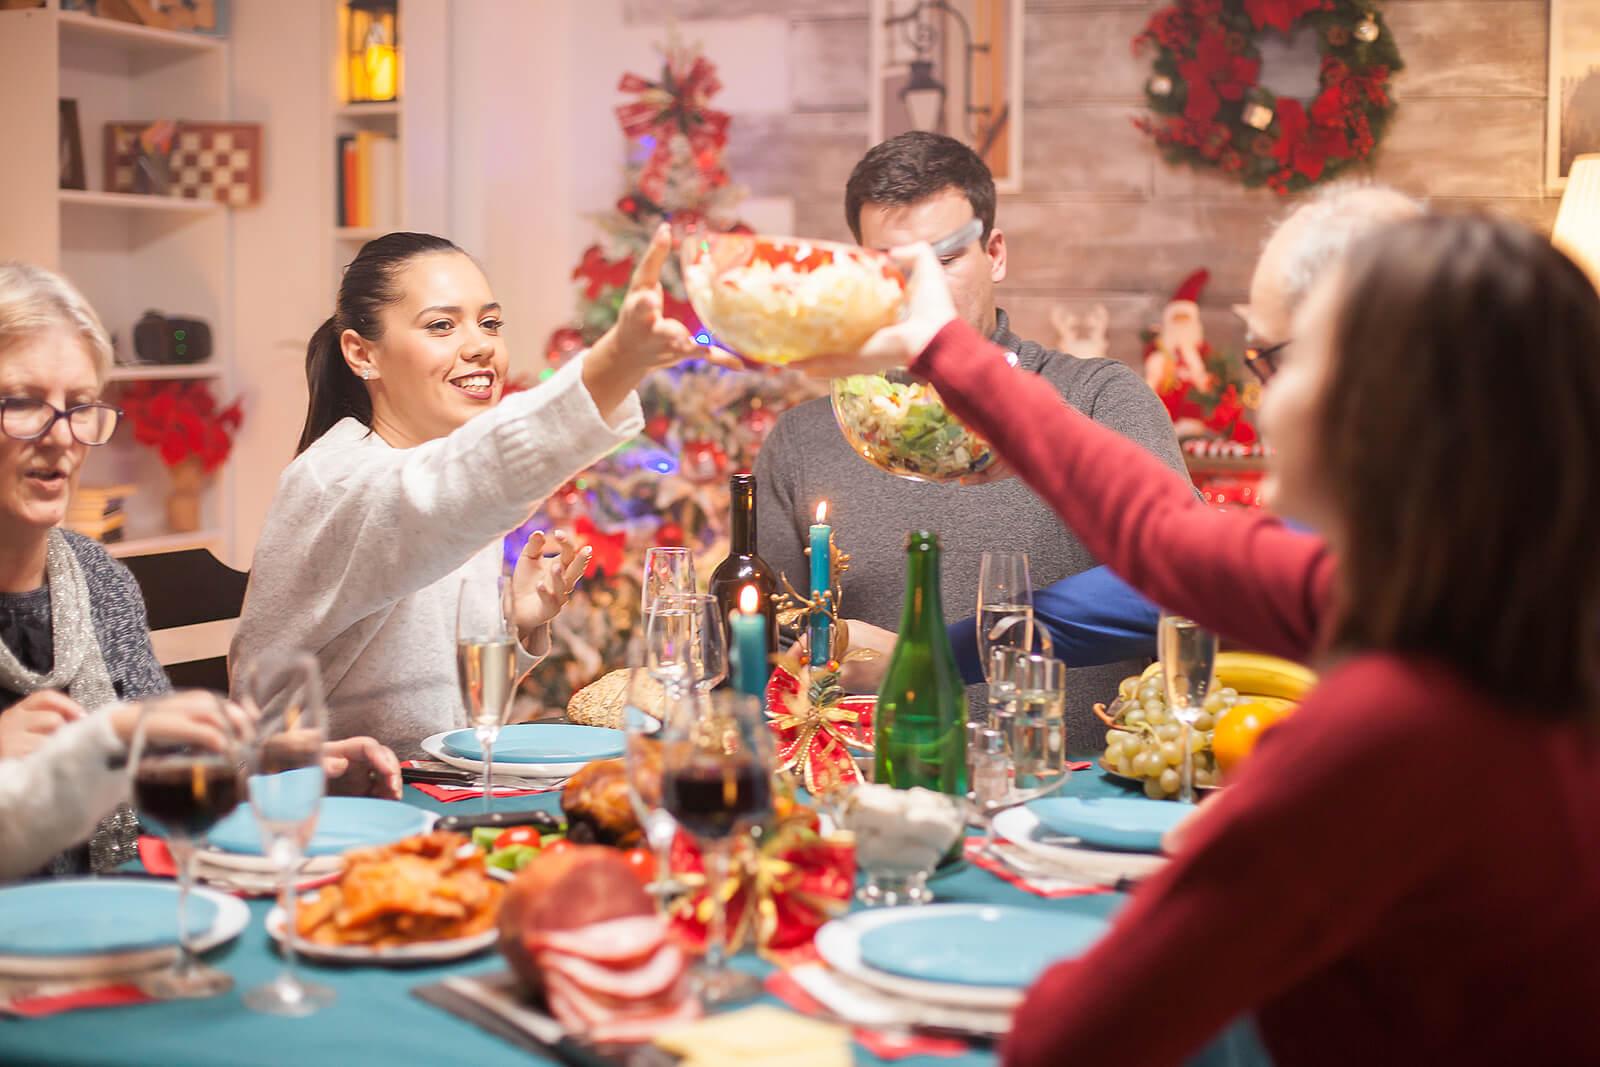 ¿Cómo evitar los excesos navideños?